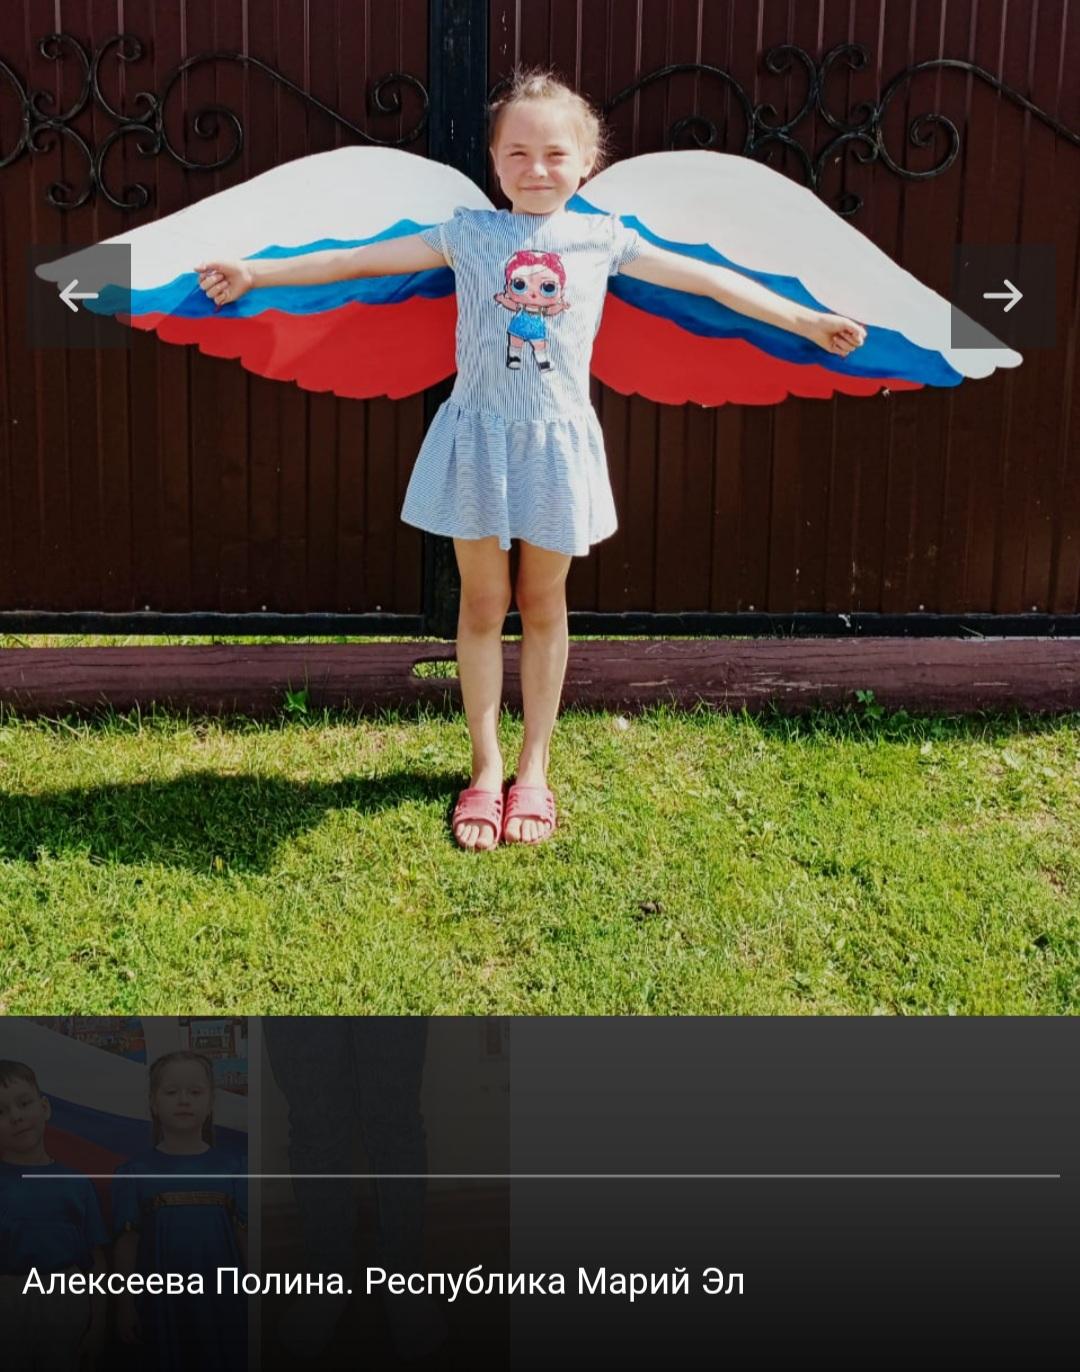 Жителей Республики Марий Эл пригласили на онлайн-программу ко Дню российского флага